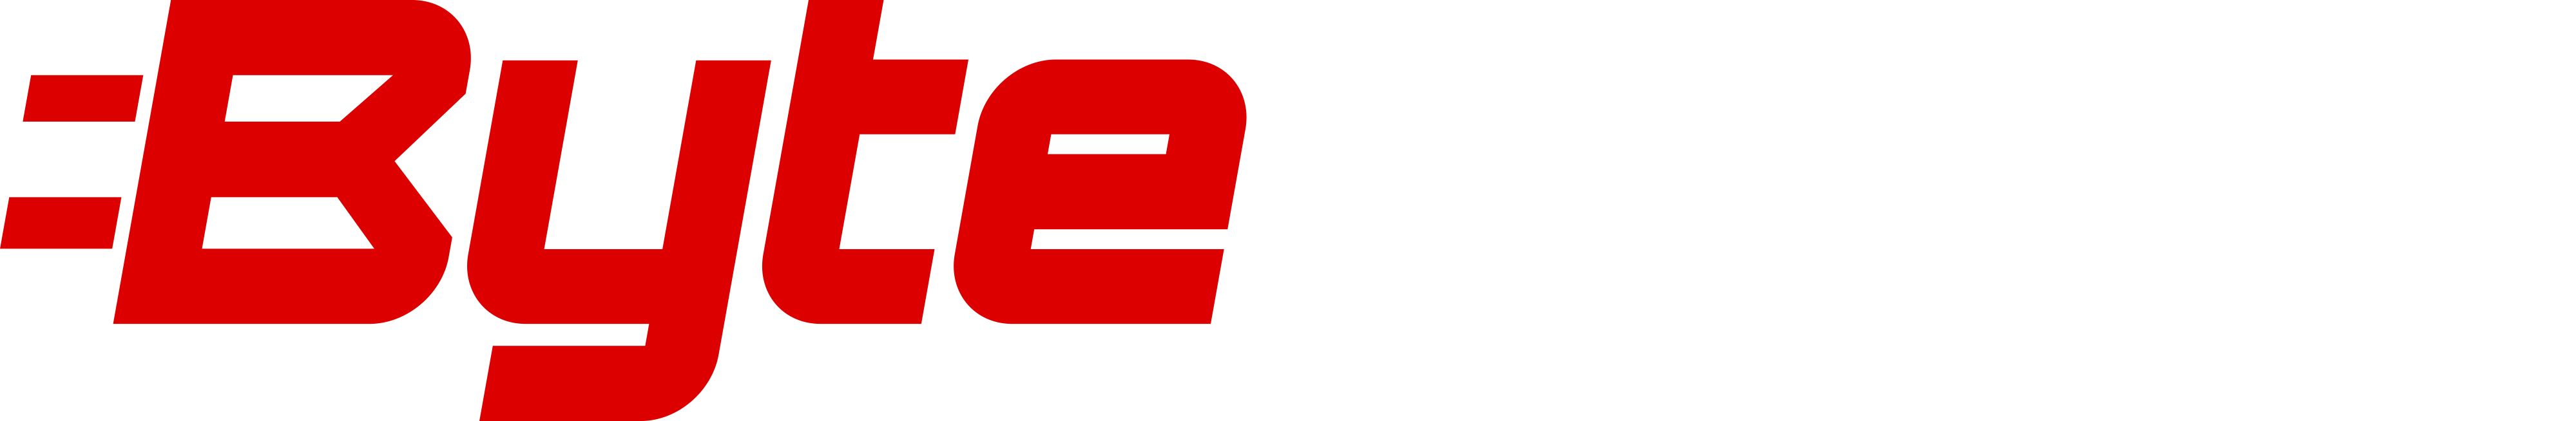 BFLogo2